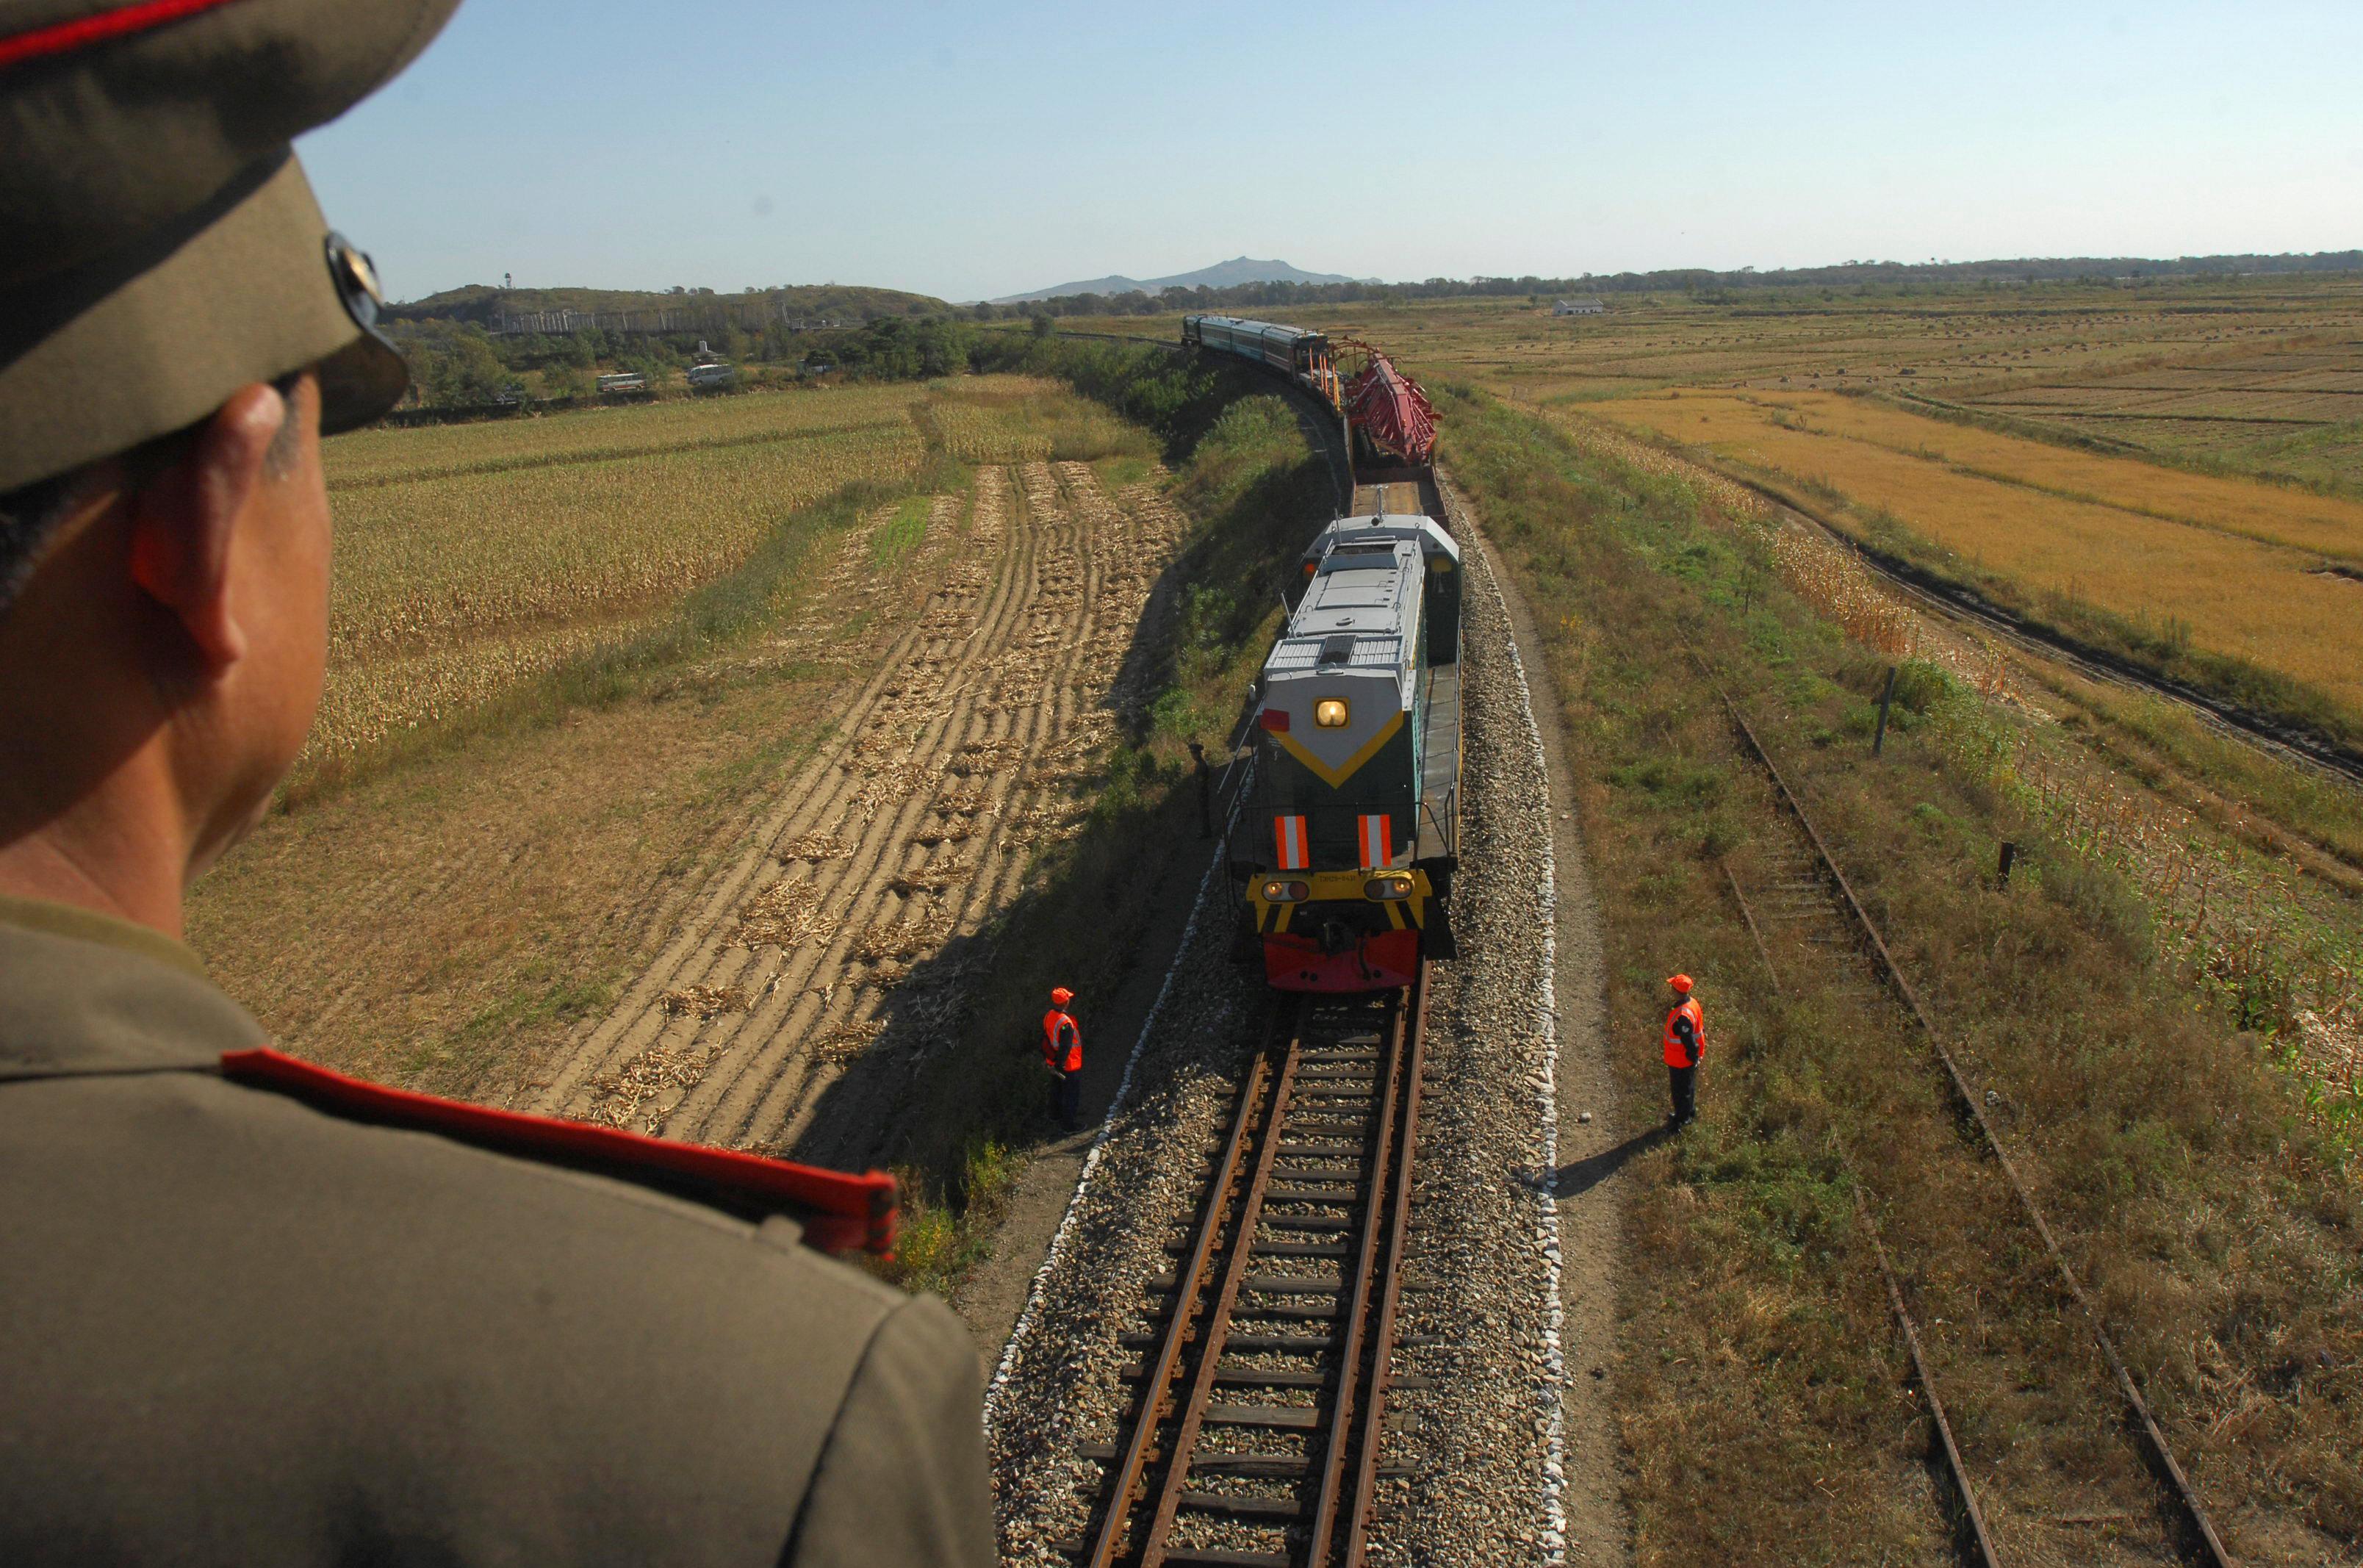 韓國在美國對朝制裁條件下試圖重啓從俄羅斯將貨物沿鐵路運送至羅津的「羅津—哈桑」的舊項目,再從這裡可以經海路將貨物發送至韓國港口。